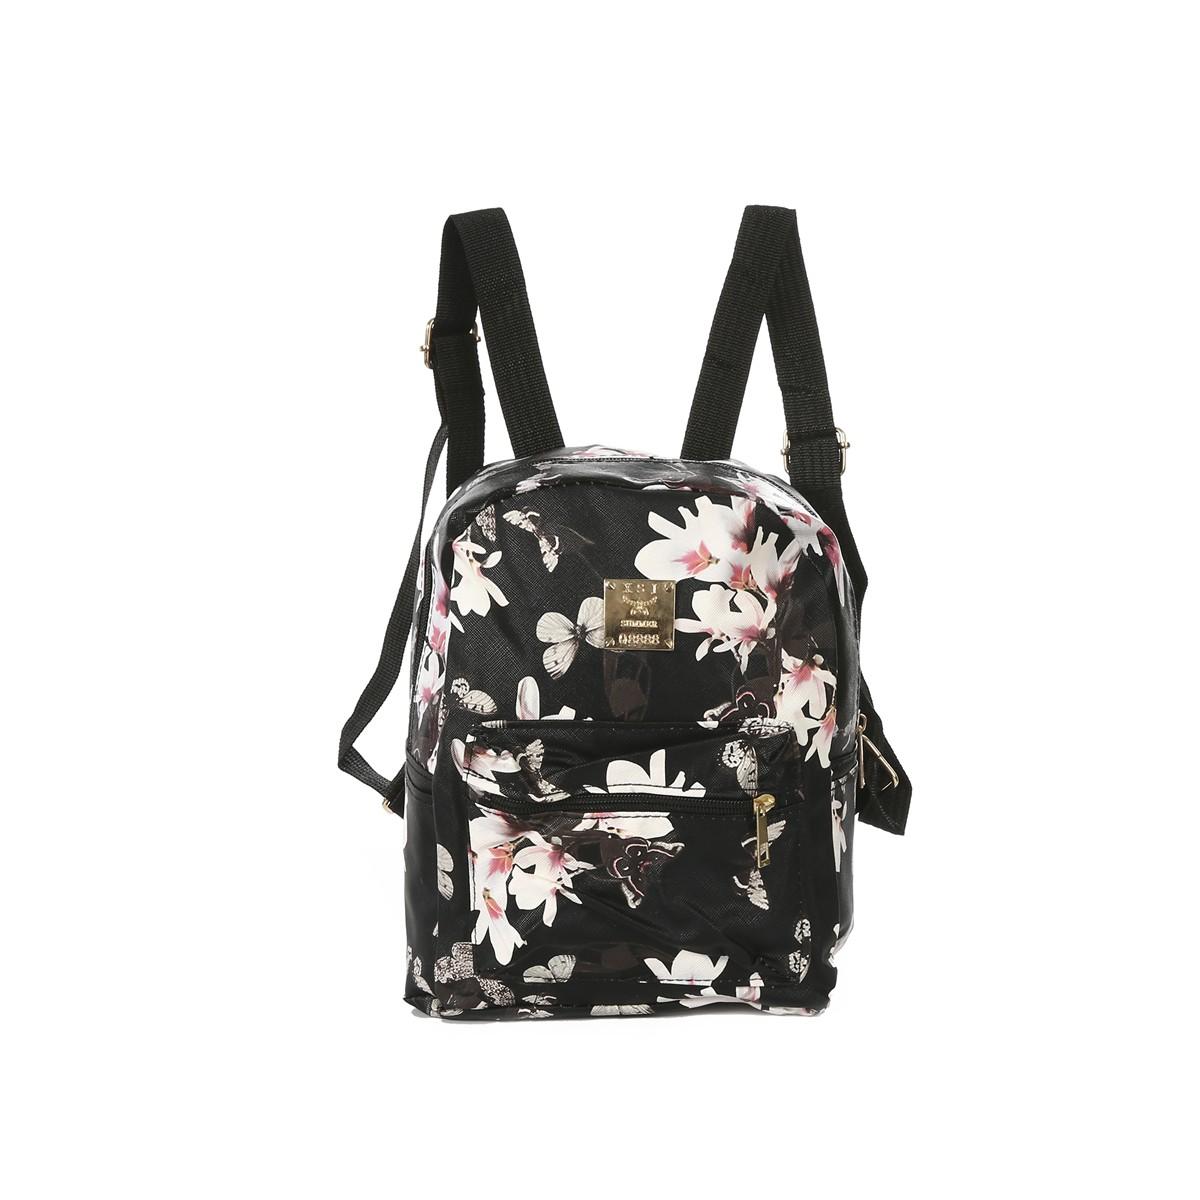 Meihuid черный disney disney школьной зрачки девушка 3 4 6 сортов отдыха и путешествия плеча сумка 0168 розовых детского рюкзак